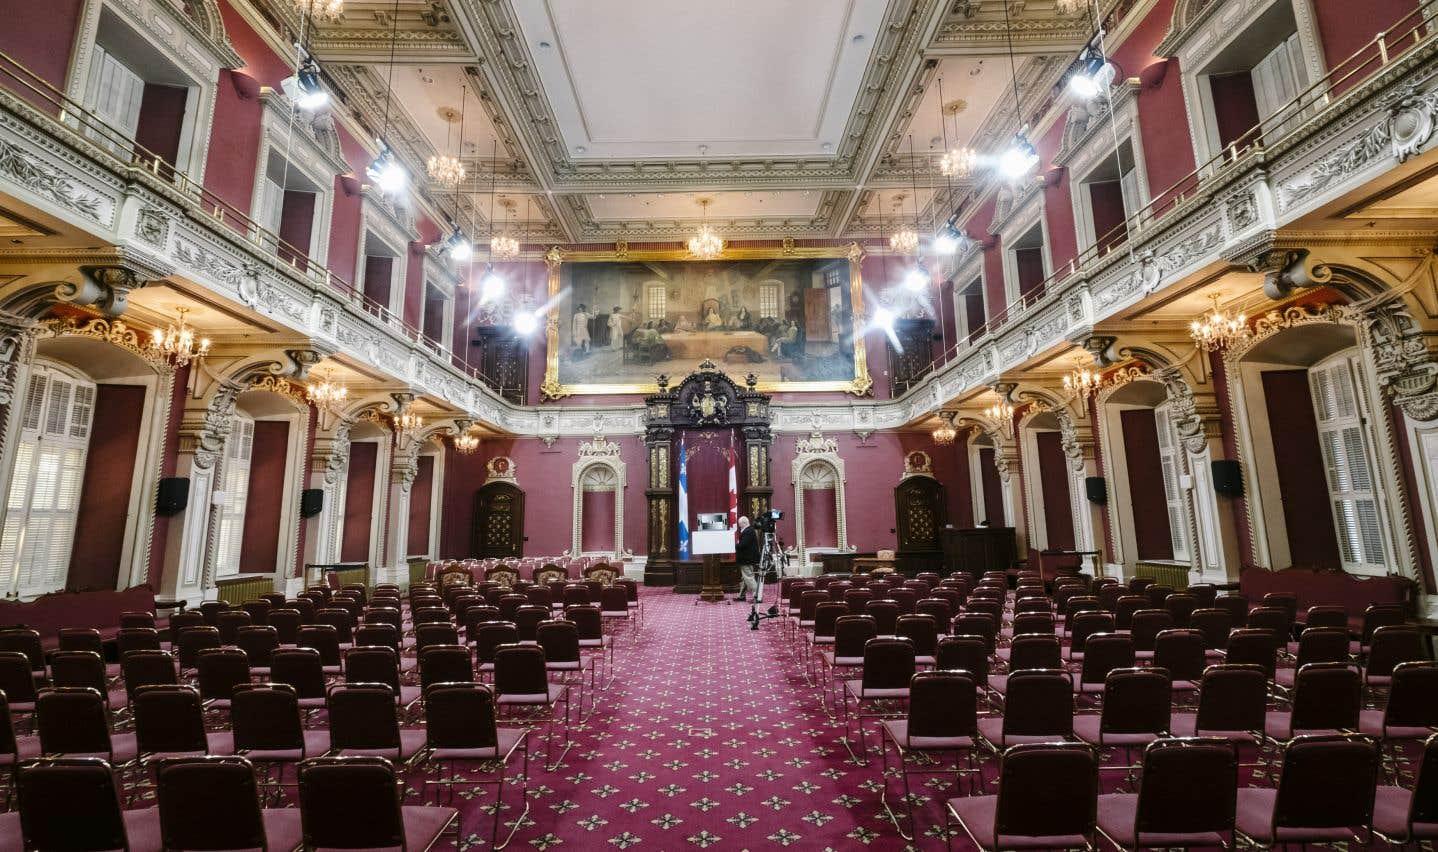 Le Salon rouge a accueilli le Conseil législatif jusqu'à son abolition en 1968. Il est désormais utilisé lors des cérémonies d'assermentation ou pour la tenue de commissions parlementaires.